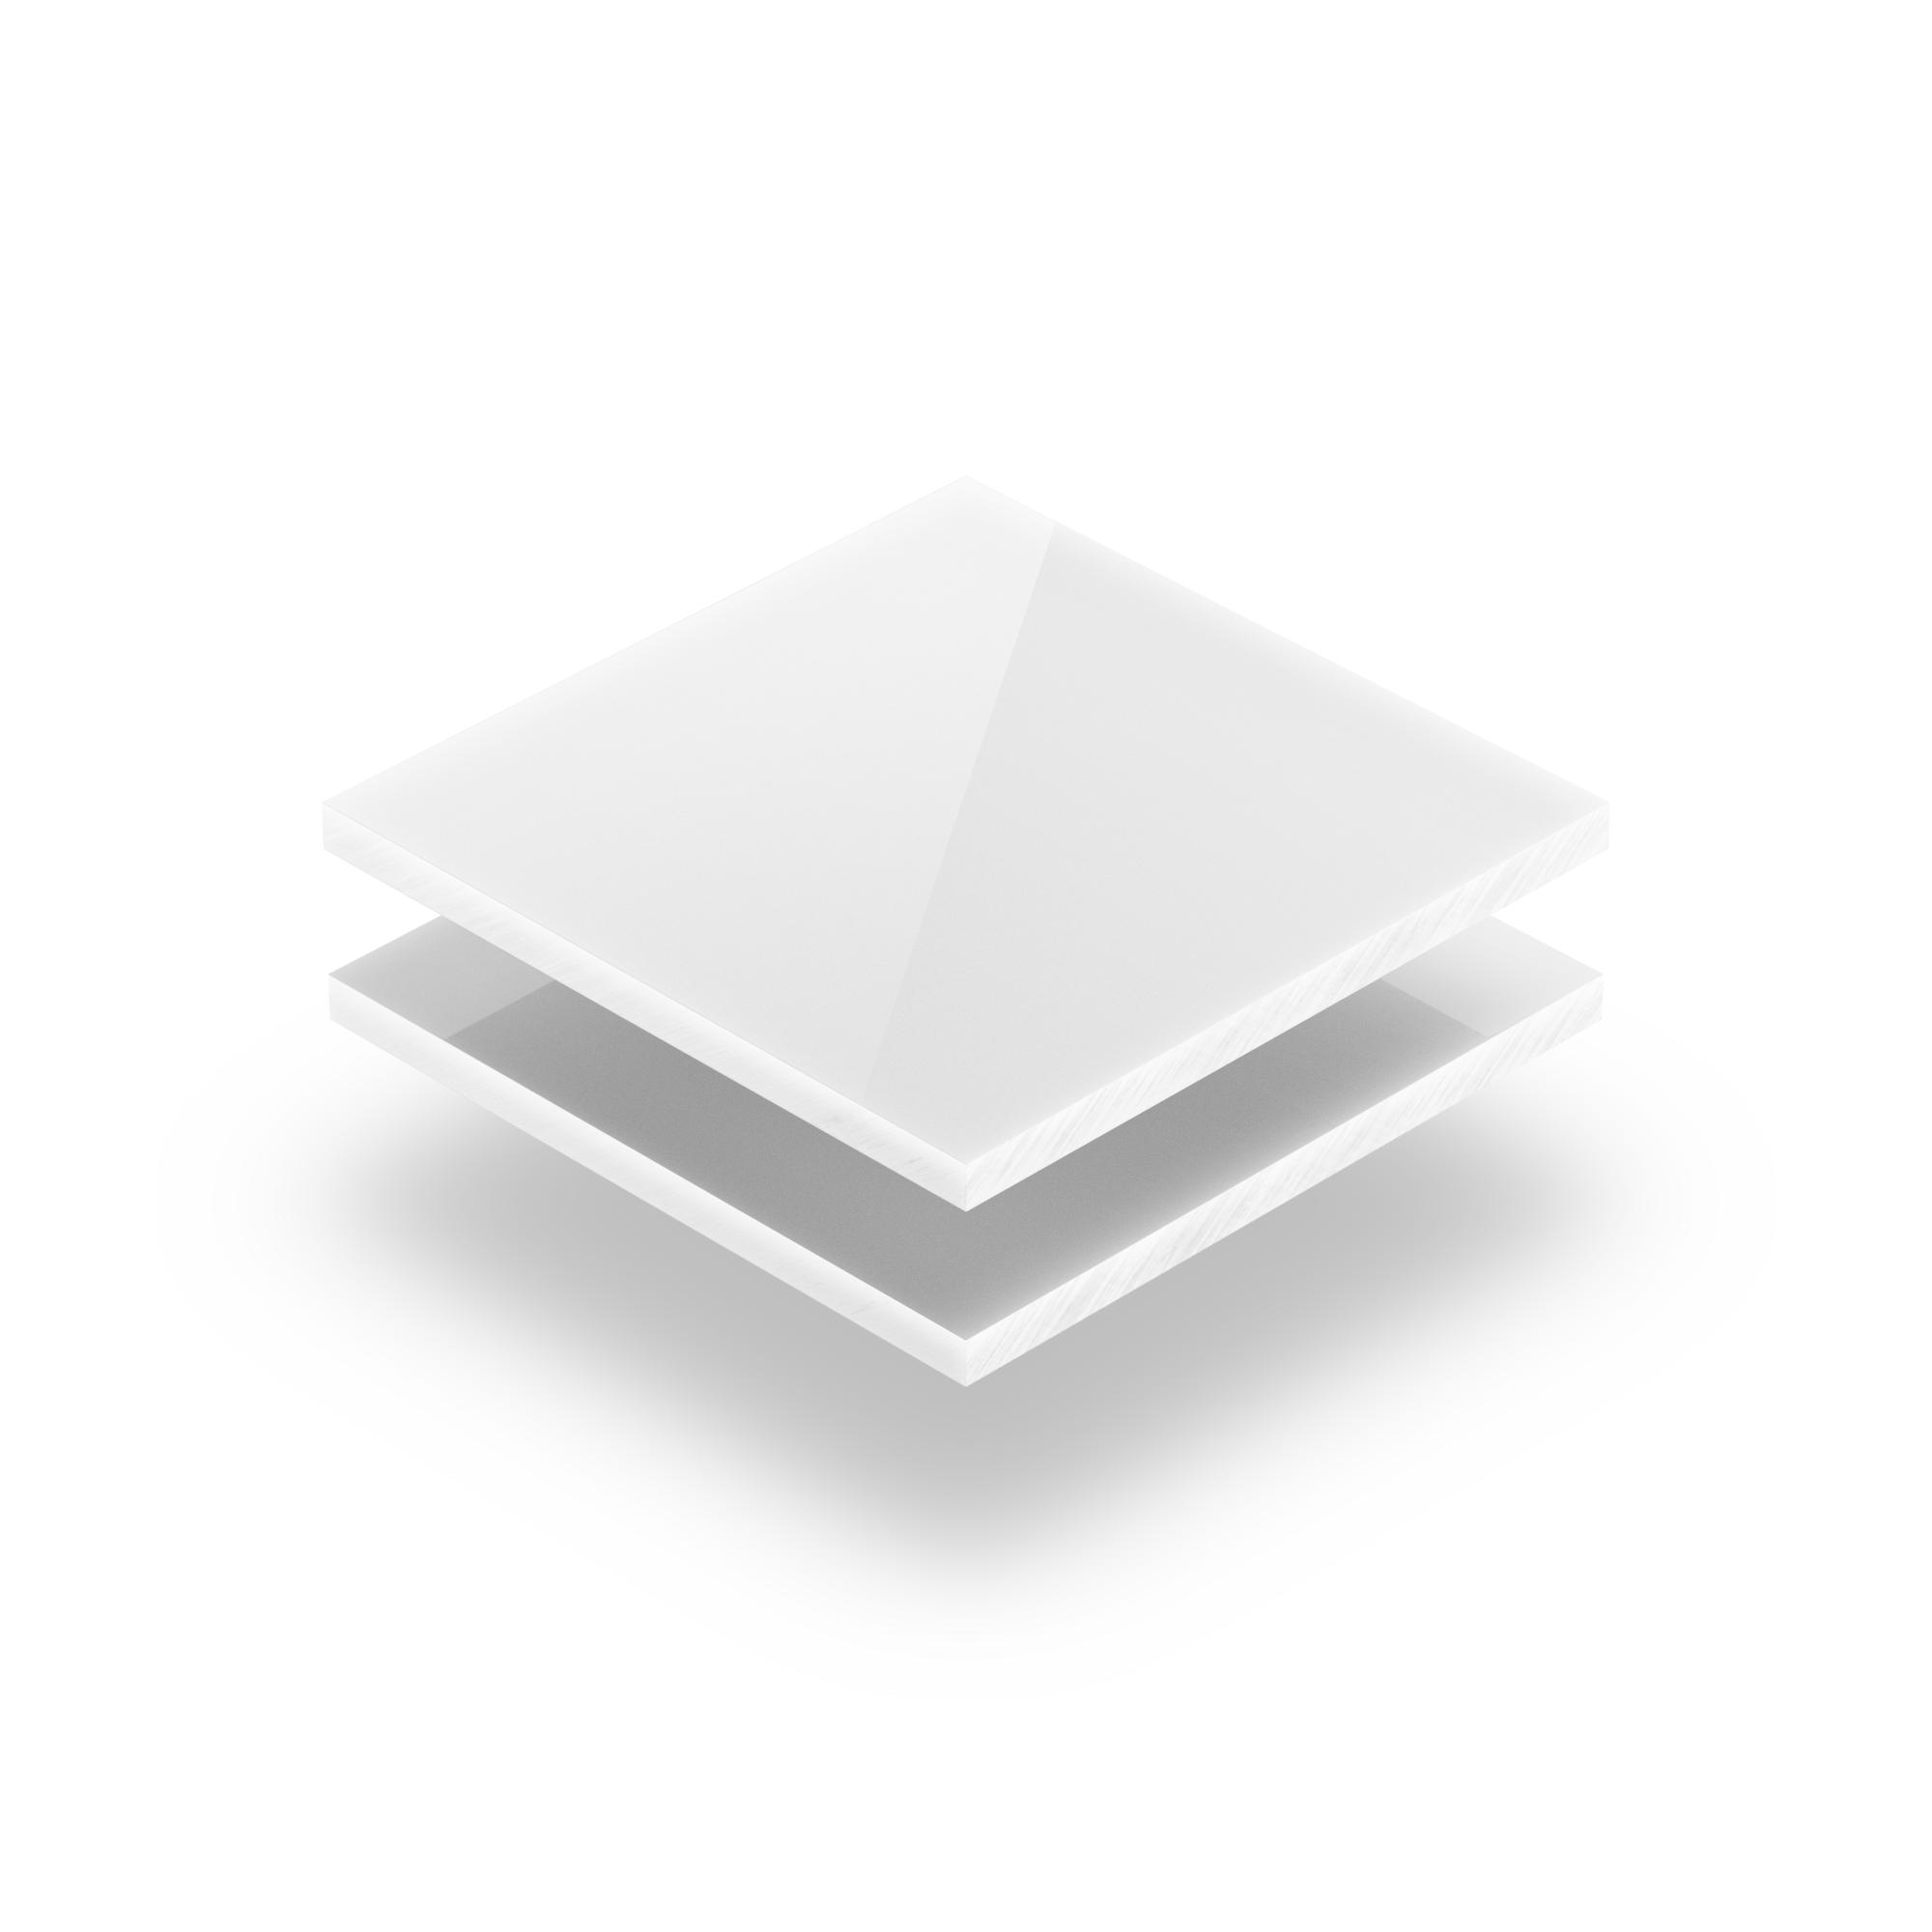 White Solid Pvc Sheet 1mm Fixed Size Plasticsheetsshop Co Uk